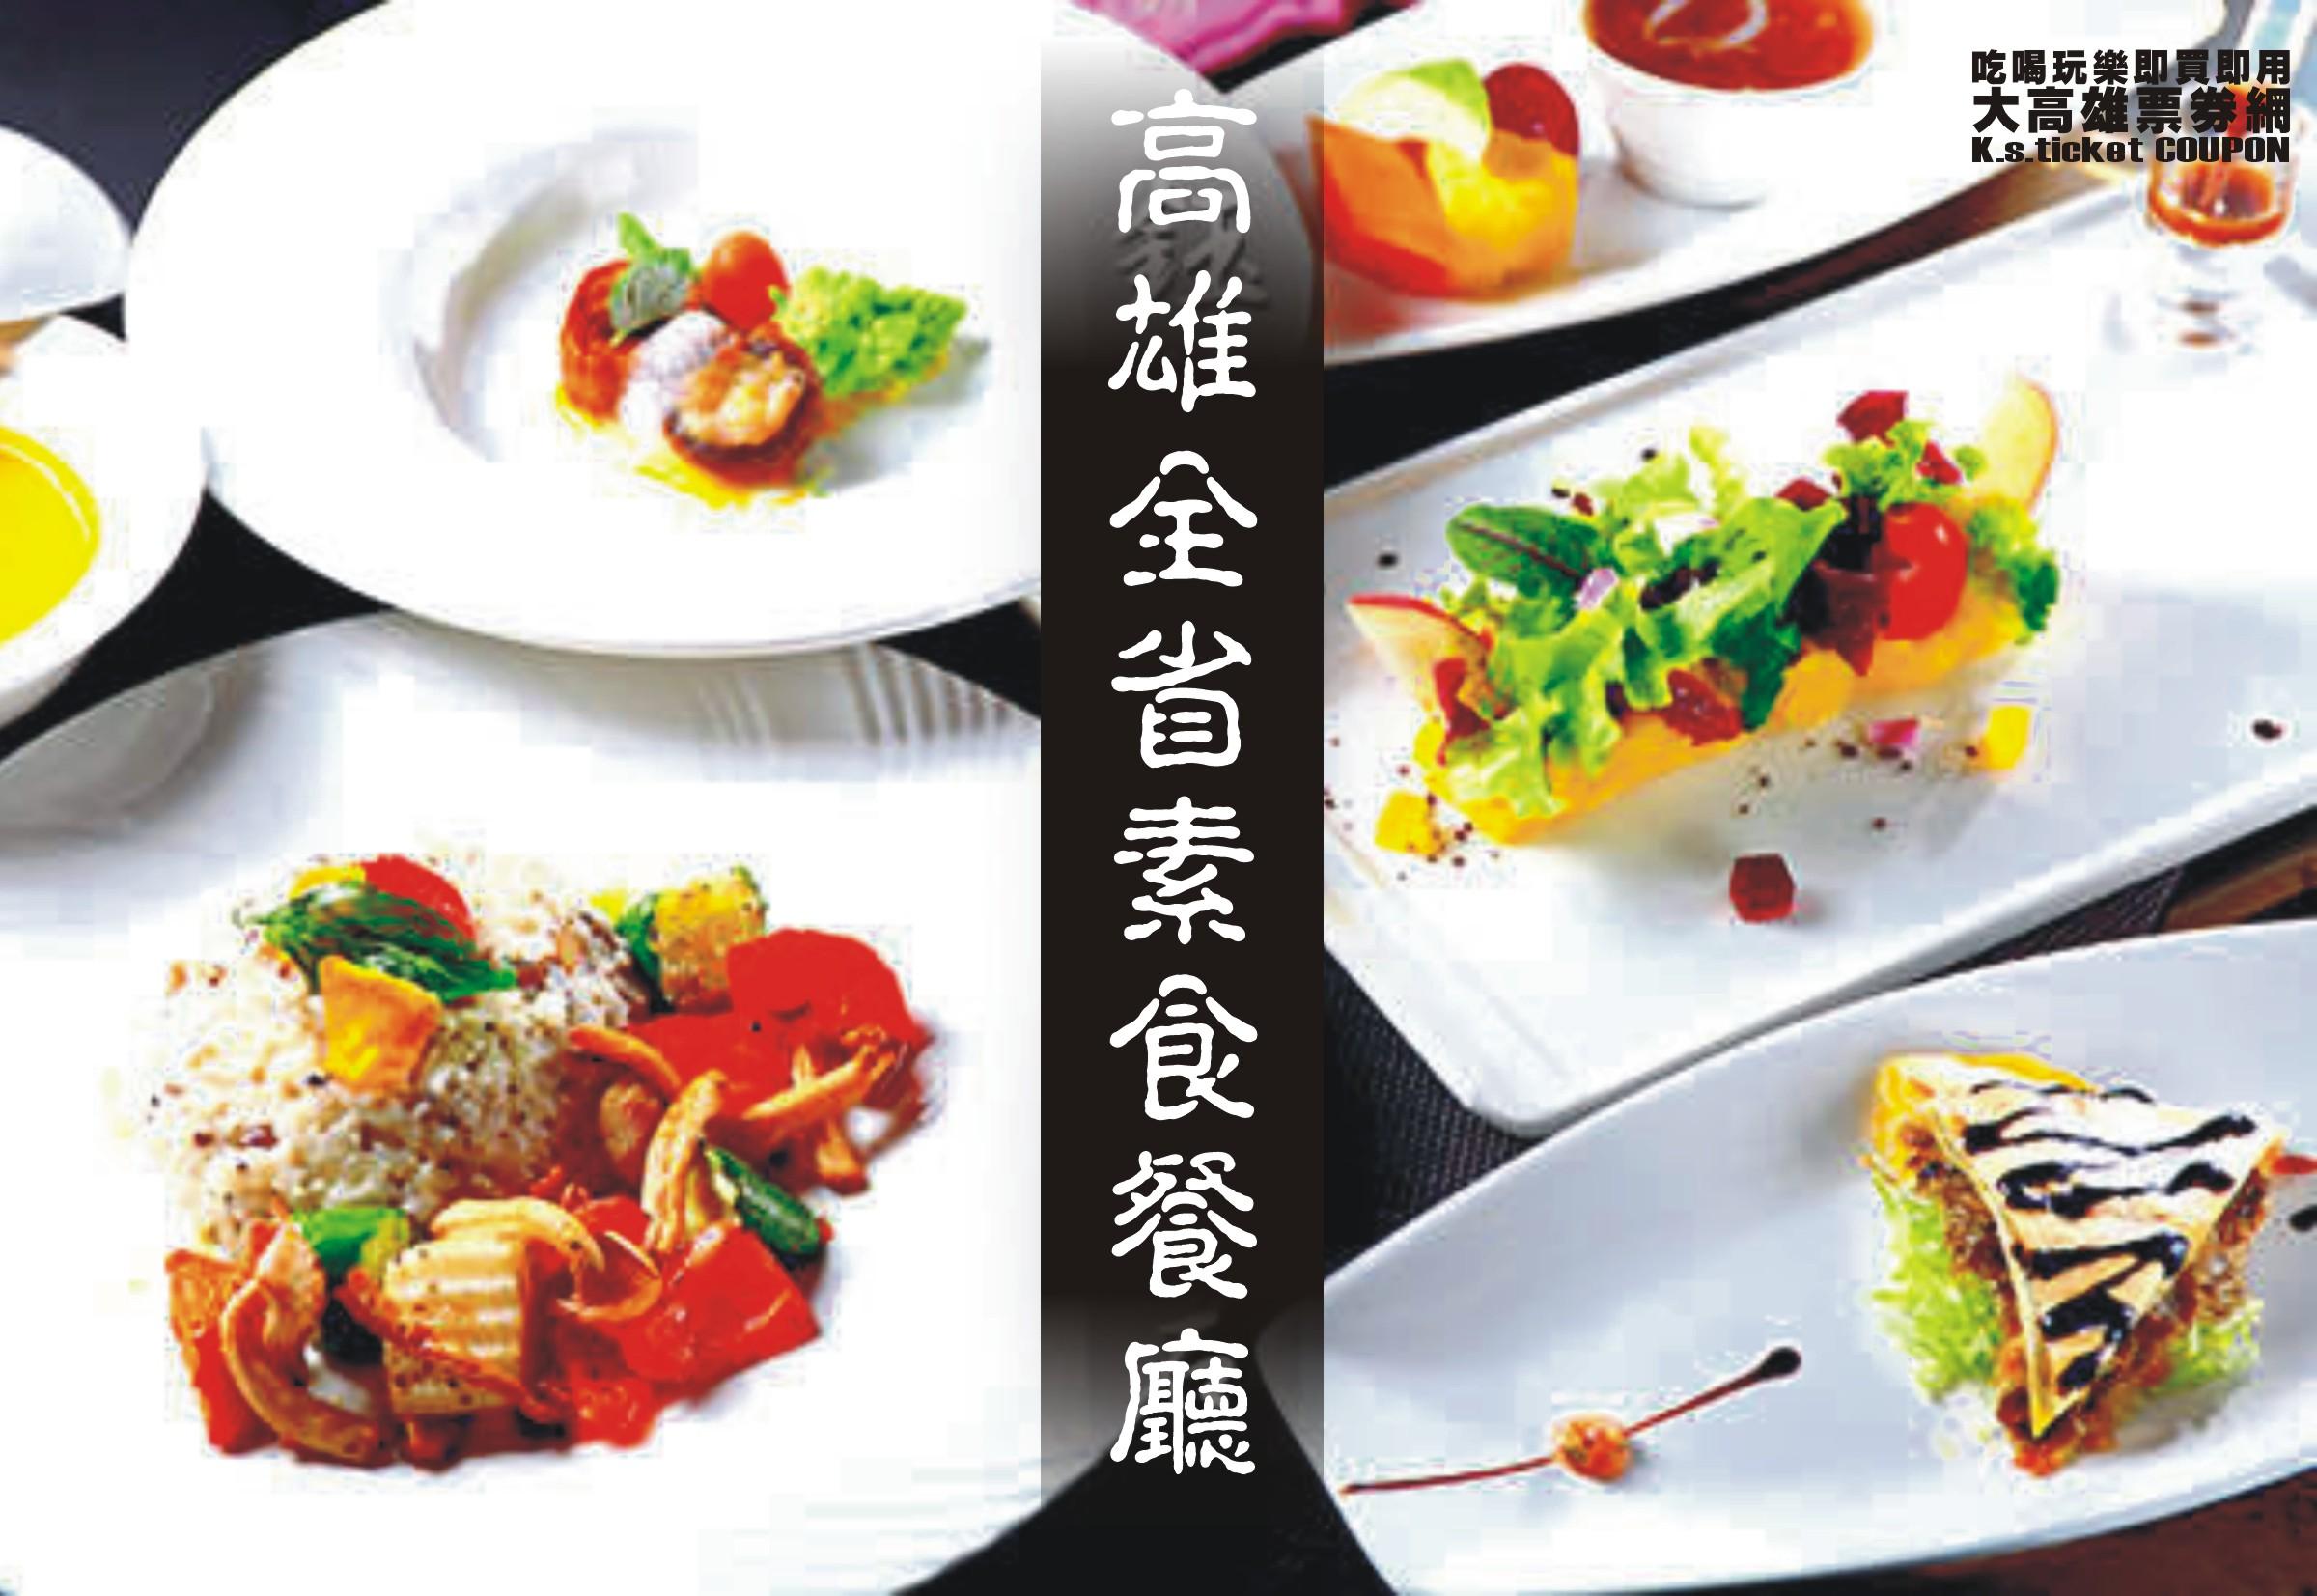 全省素食餐廳.JPG